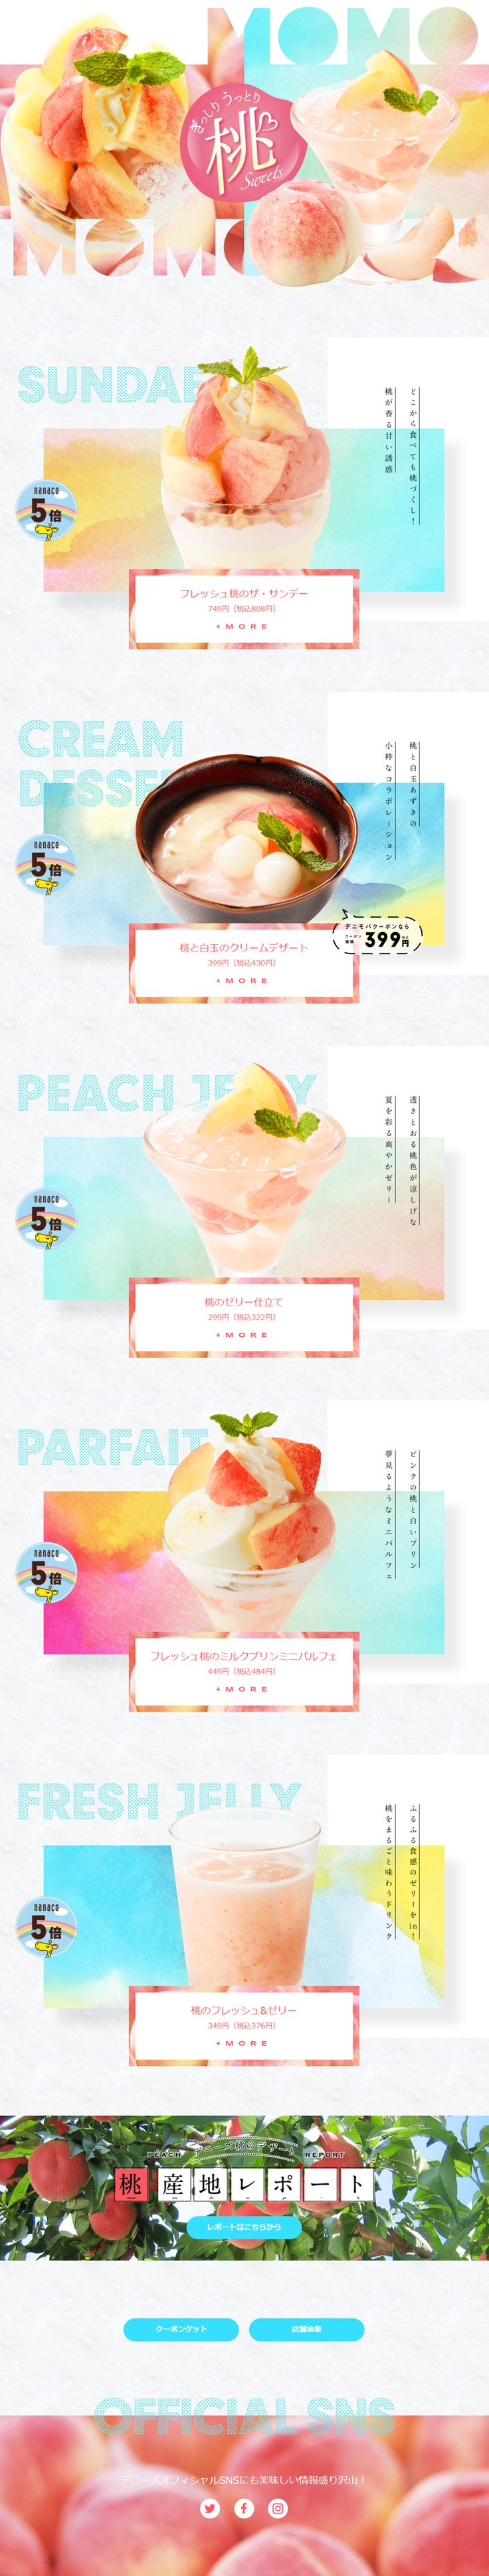 桃のデザート|WEBデザイナーさん必見!ランディングページのデザイン参考に(かわいい系)